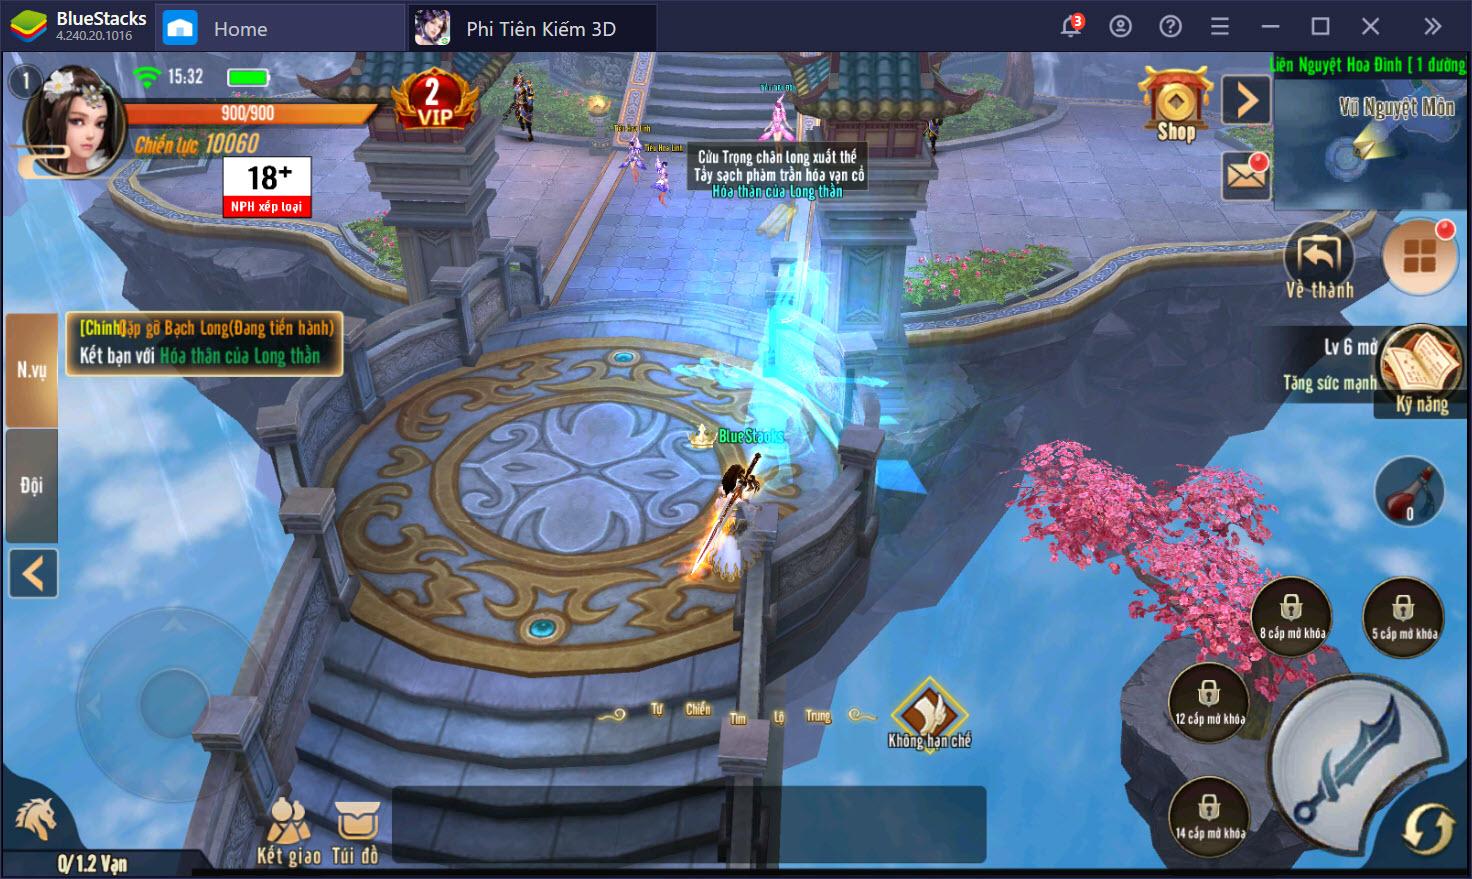 Trải nghiệm Phi Tiên Kiếm 3D trên PC cùng BlueStacks